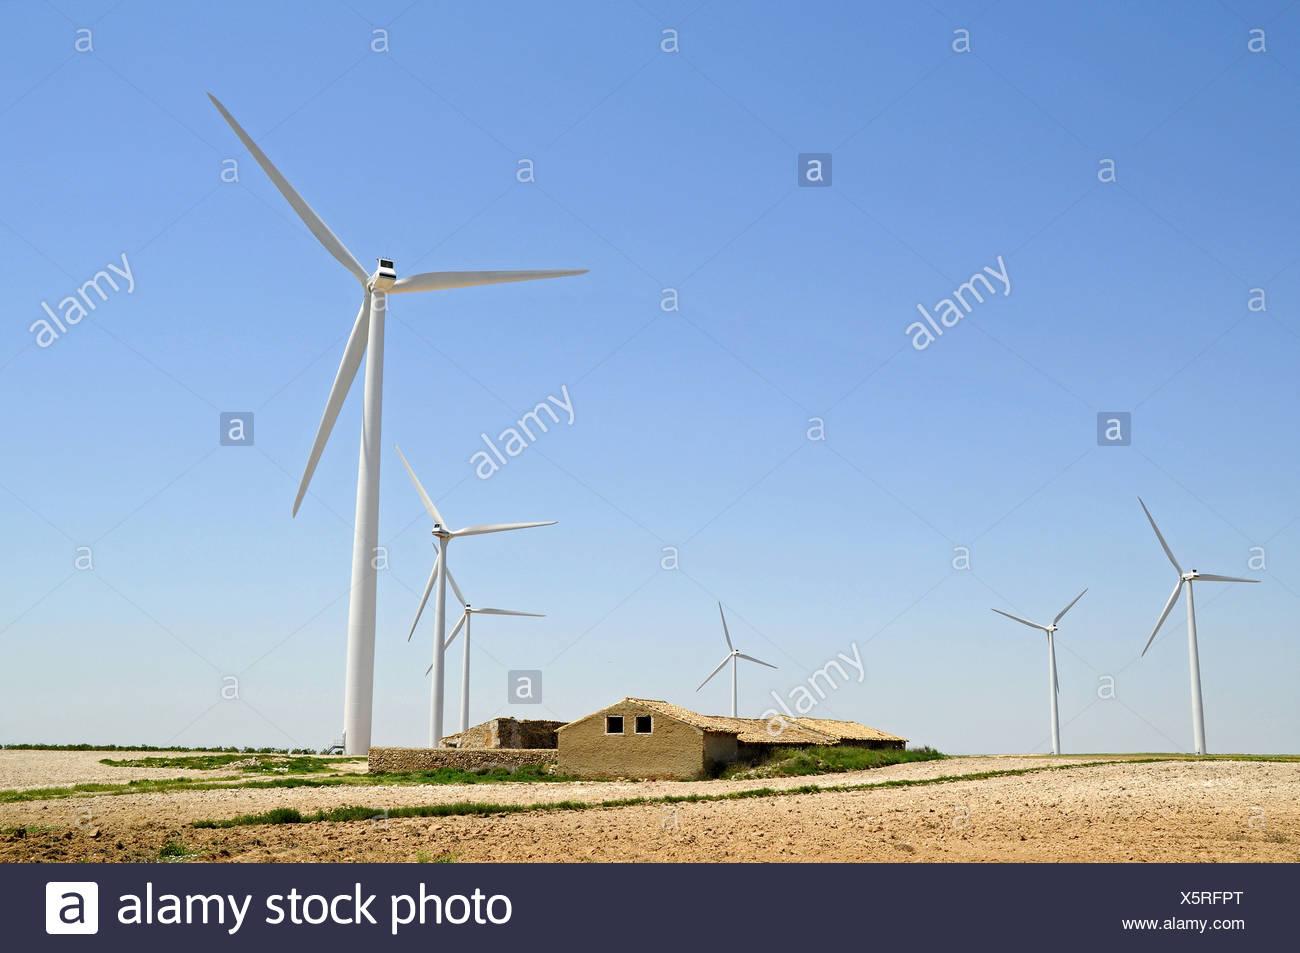 Windiger Stock Photos & Windiger Stock Images - Alamy